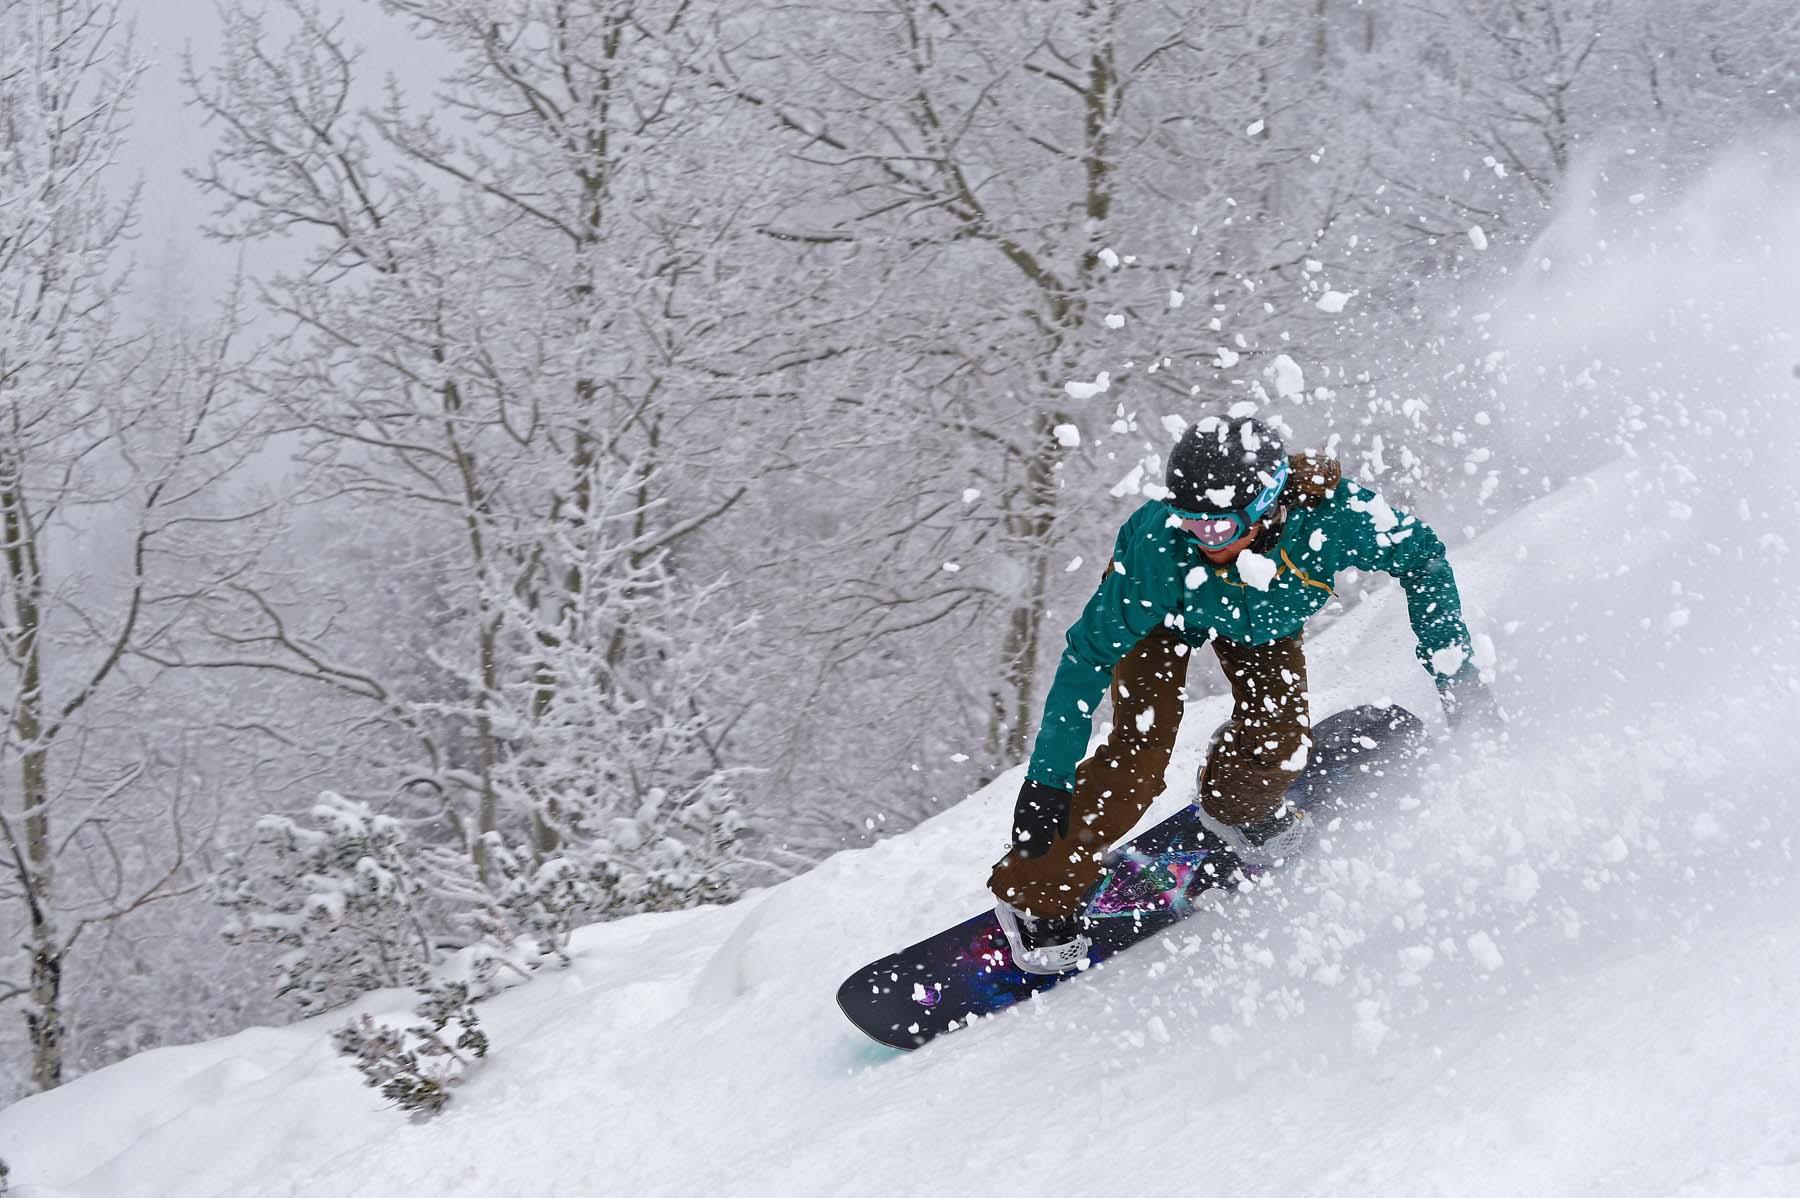 Steamboat, un universo para esquiar